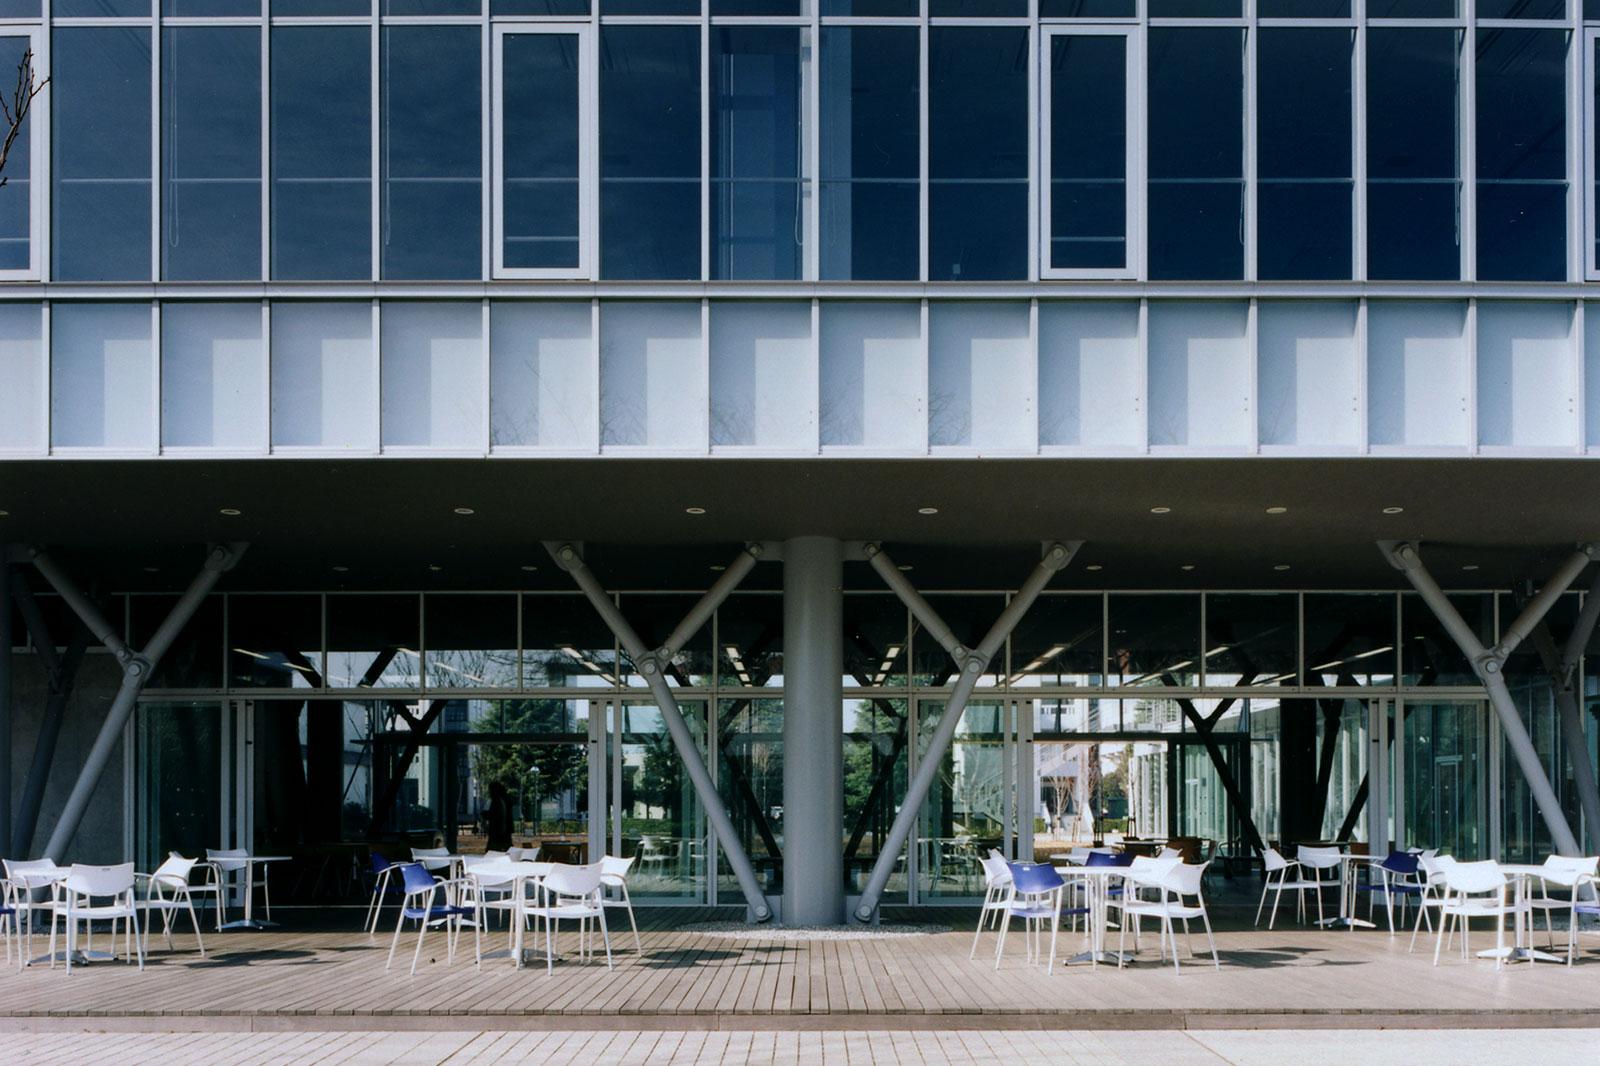 日本大学 理工学部 船橋校舎 14号館